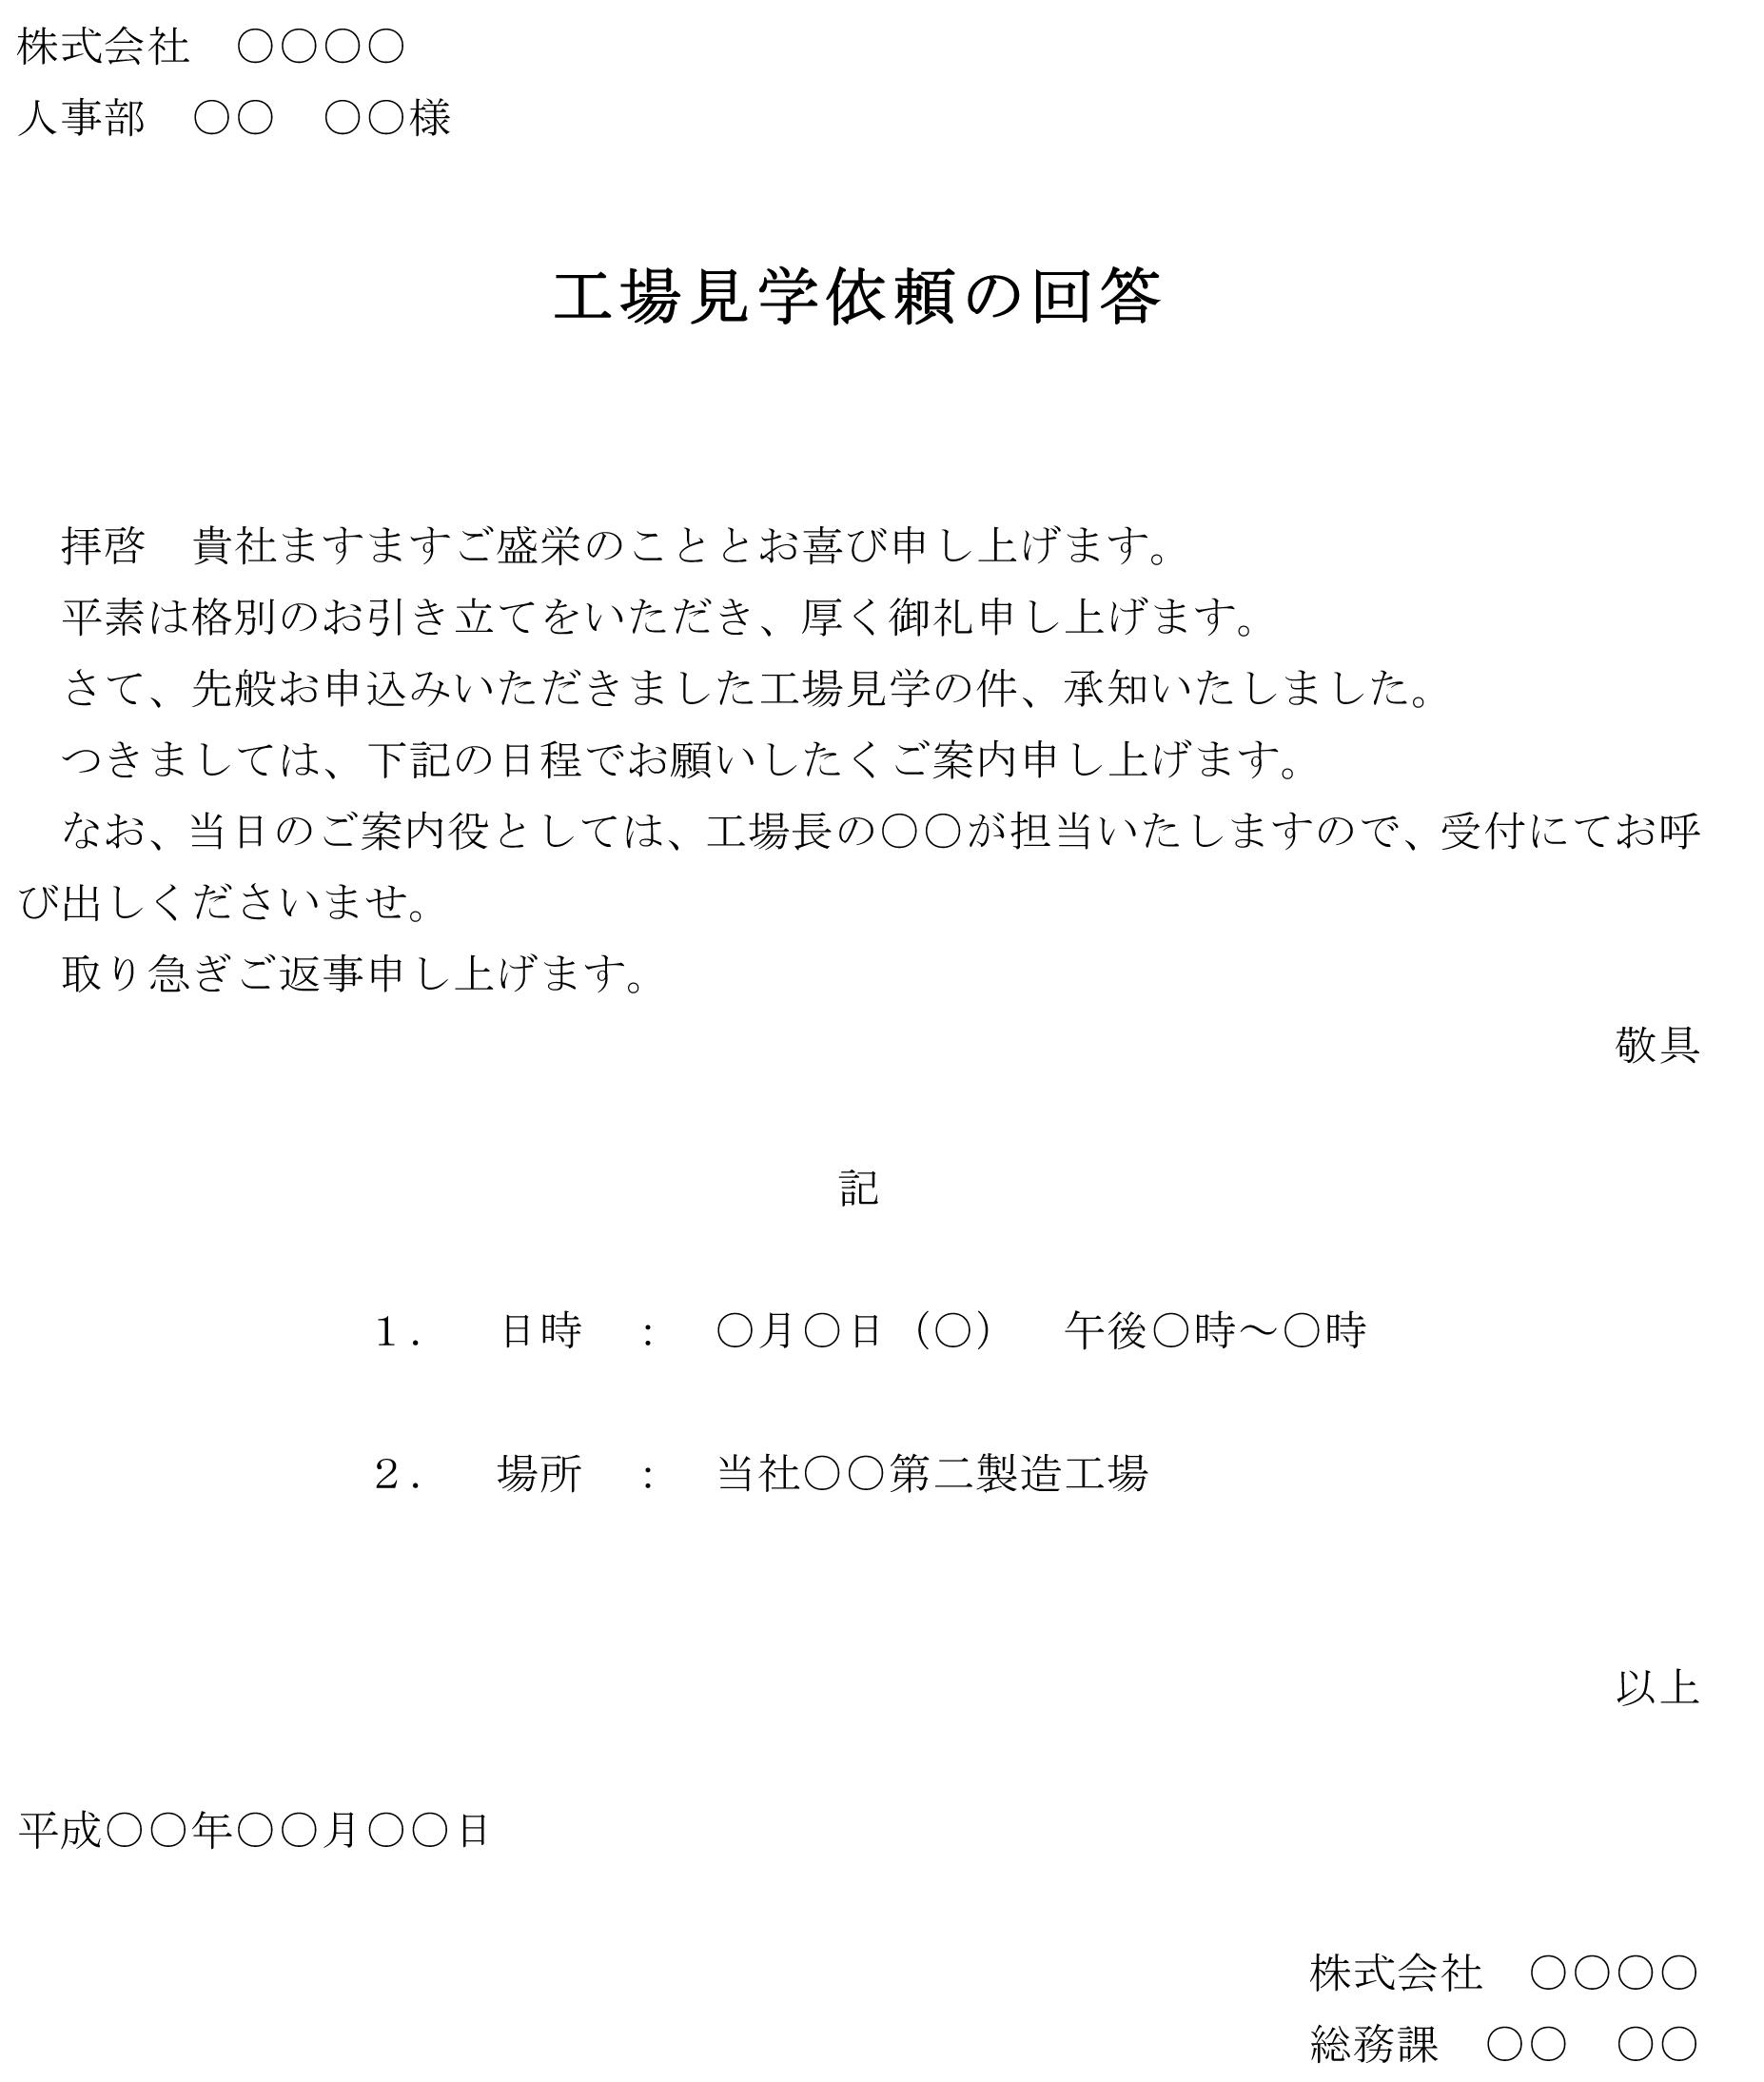 回答書(工場見学依頼)01